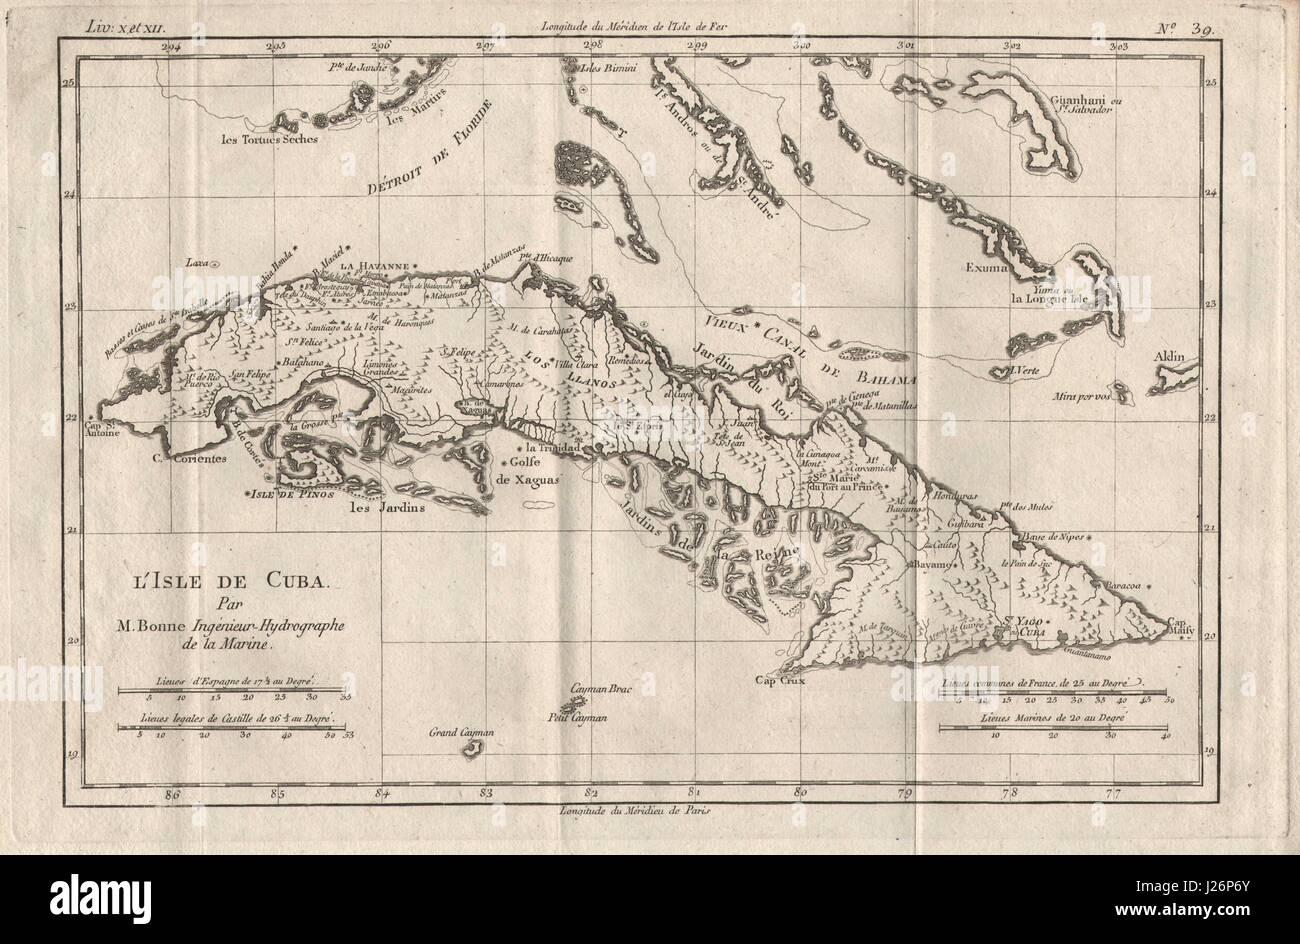 Cuba Florida Map.Map Cuba Florida Stock Photos Map Cuba Florida Stock Images Alamy